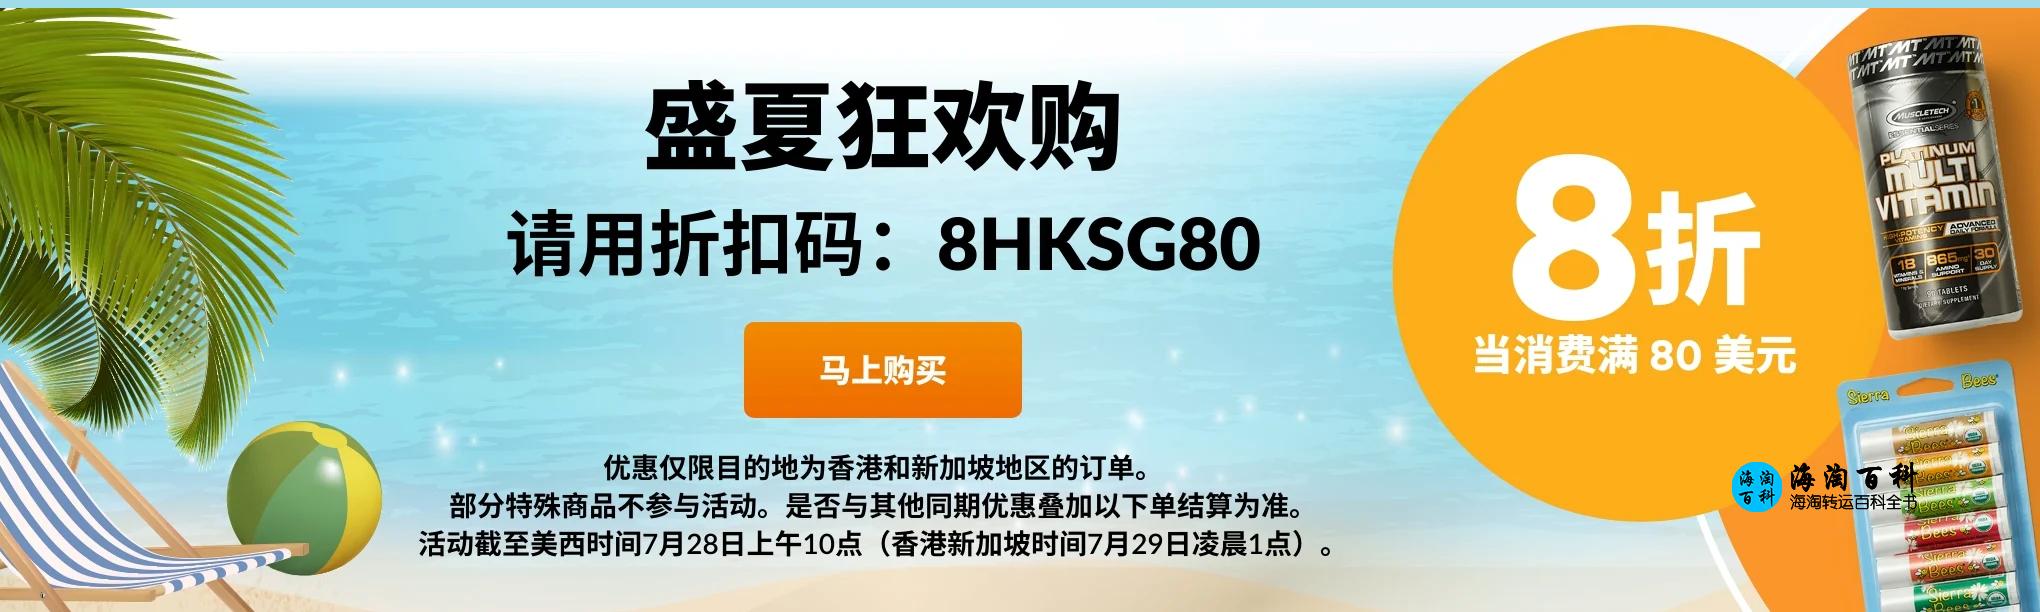 盛夏狂欢购,iHerb限时8折钜惠,折扣码8HKSG80